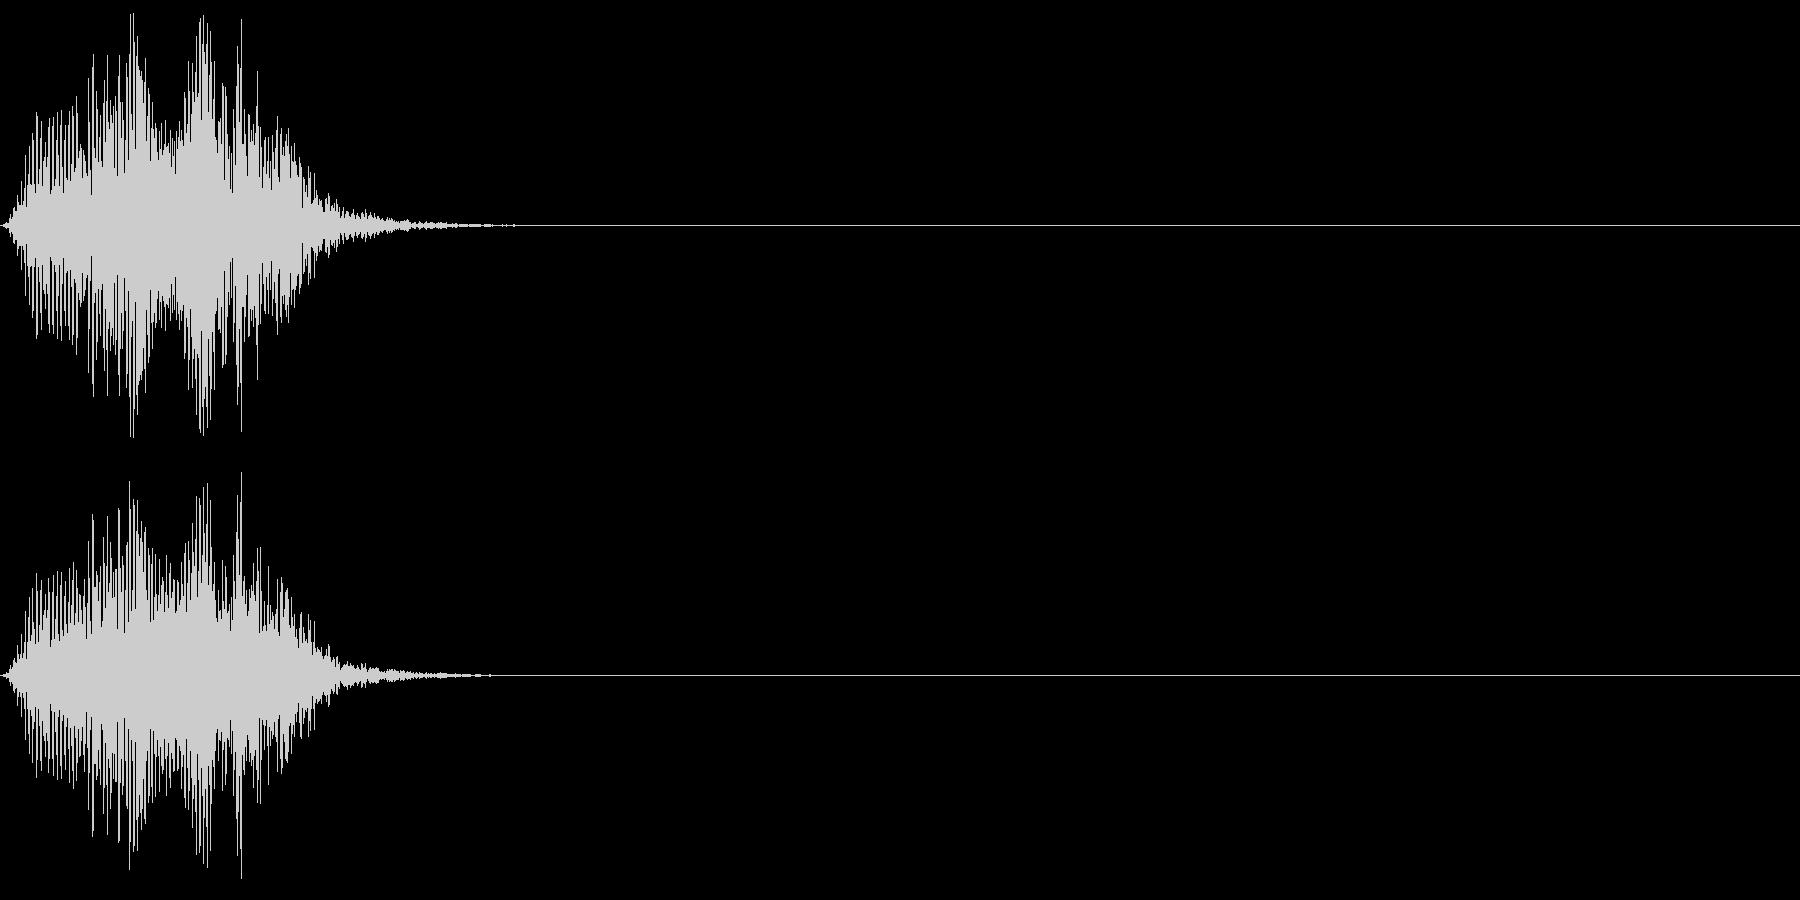 シロハラハイイロエボシドリの鳴き声の未再生の波形